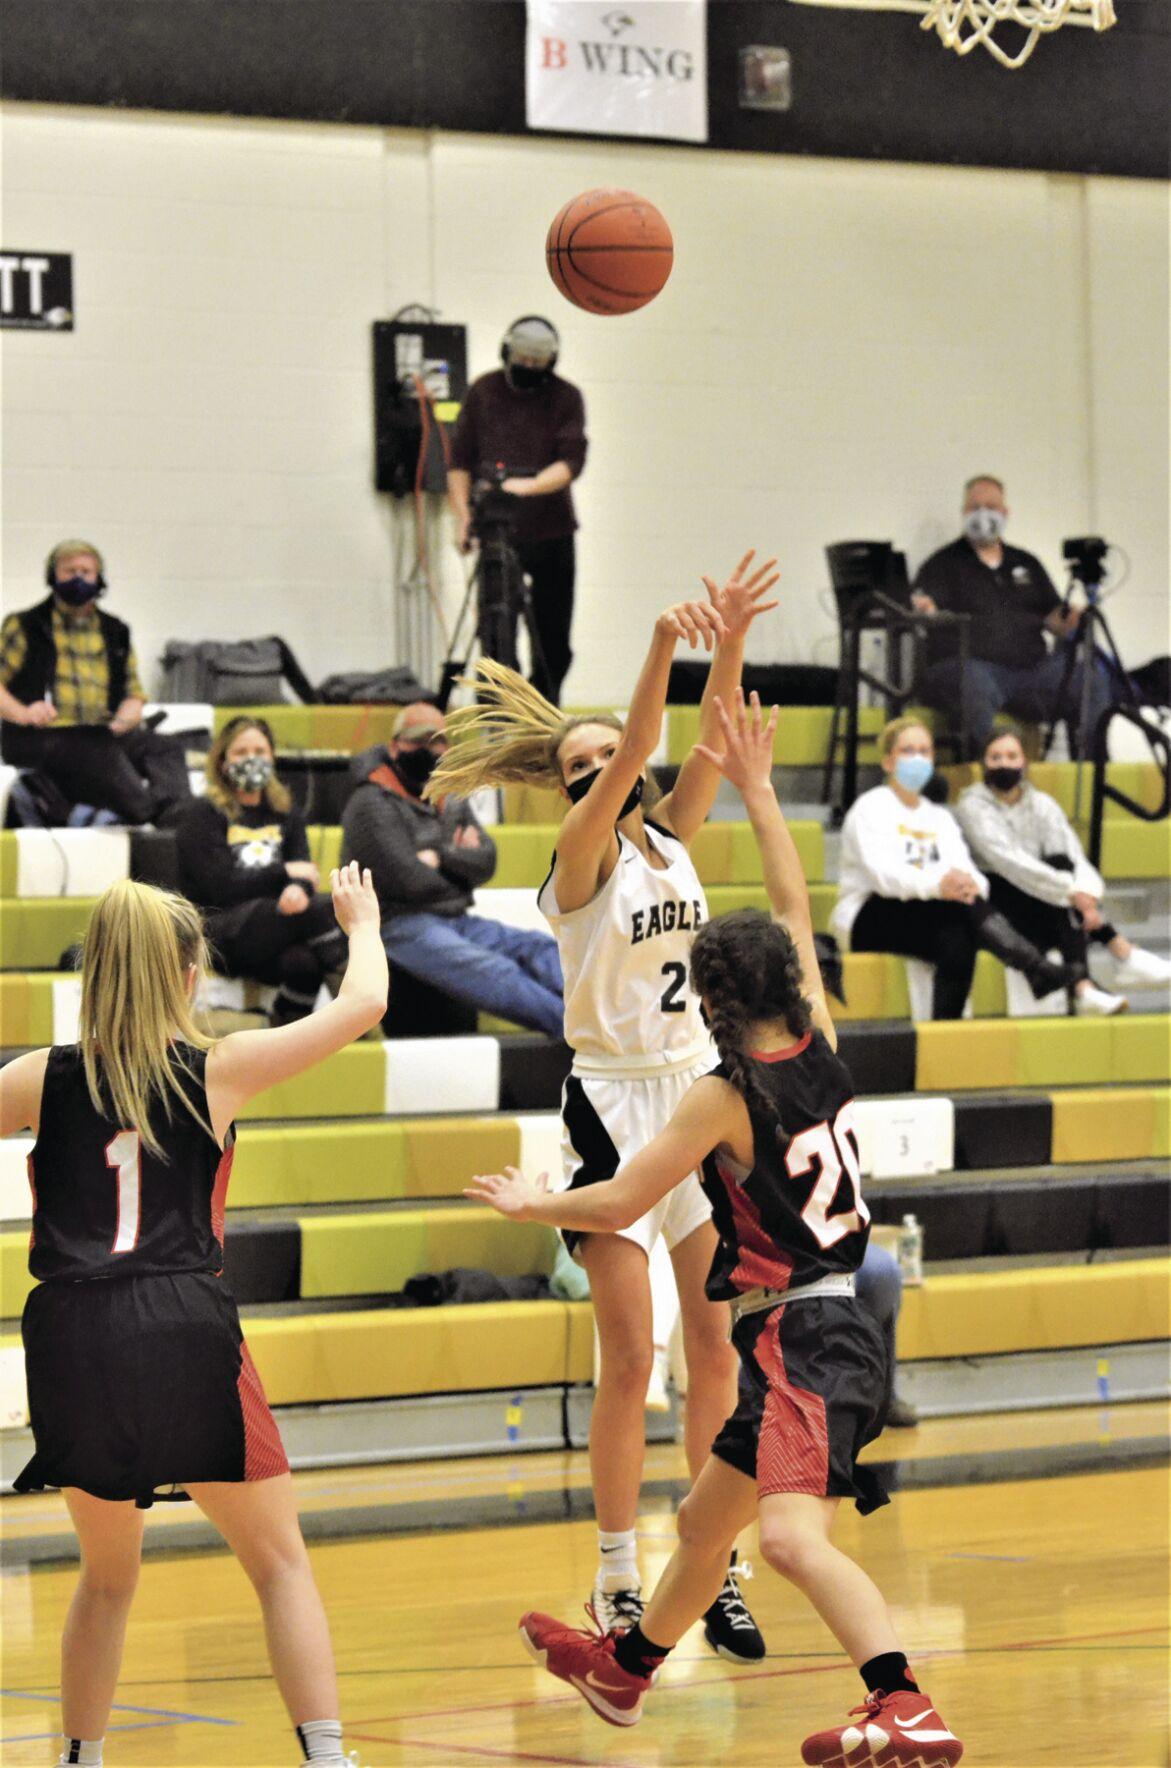 KHS girls hoop - Jaelin Cummings jumper